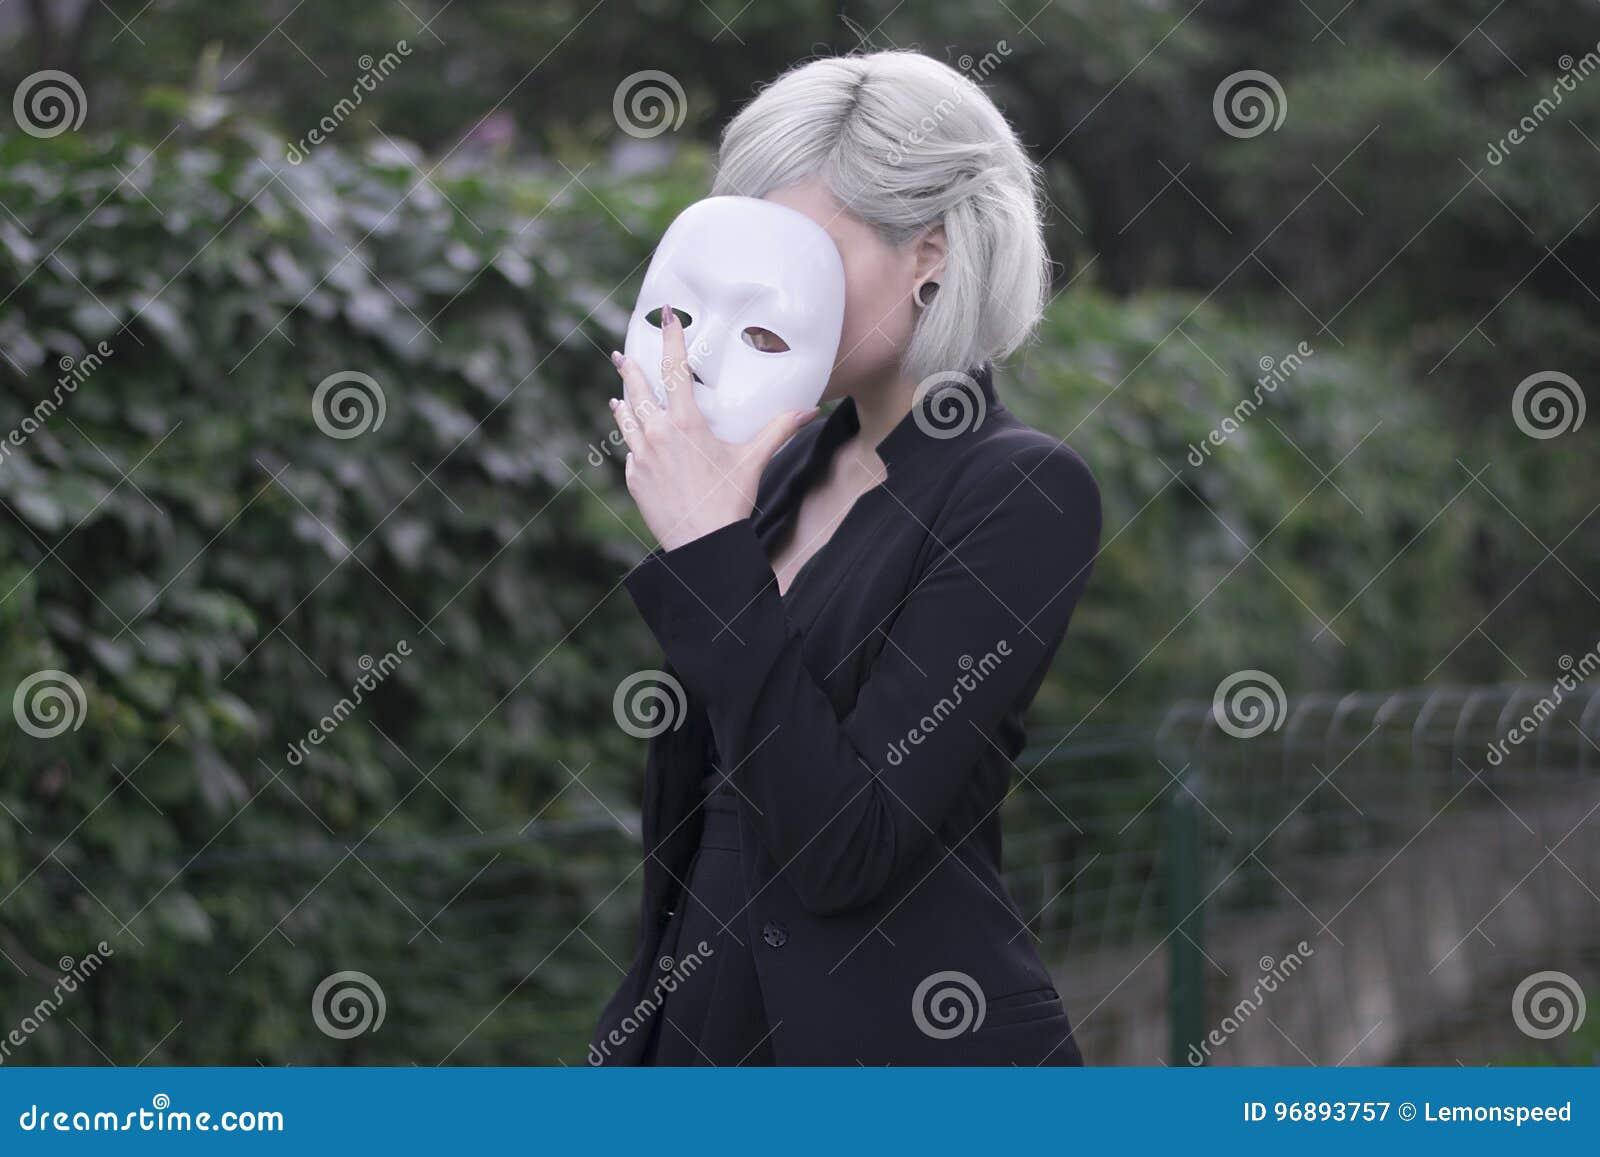 Jong blond meisje die een masker opstijgen Bewerend om te zijn iemand anders concept outdoors